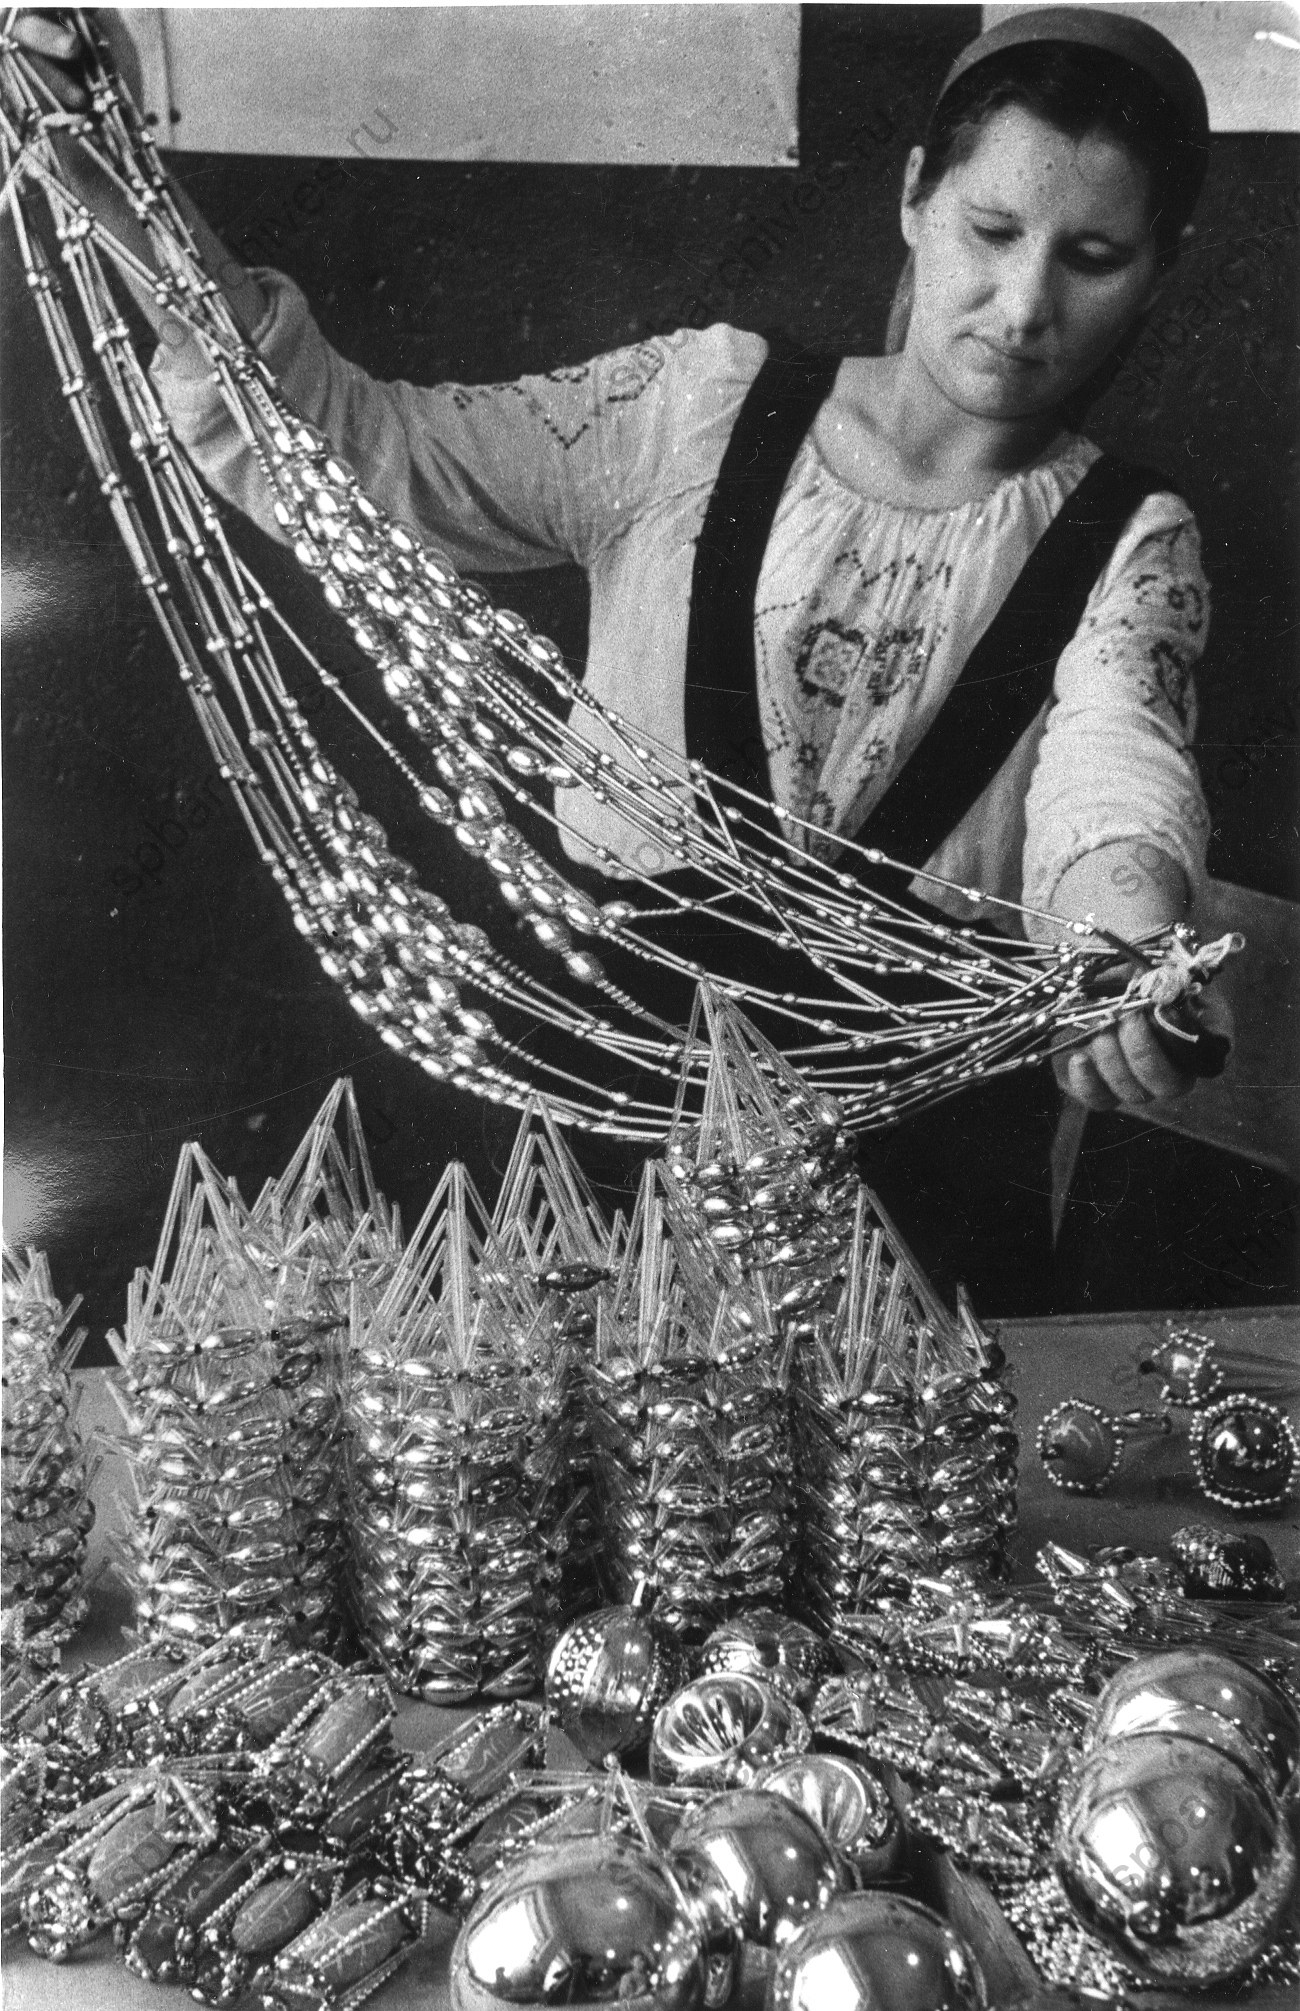 1949. Работница промысловой кооперации за сборкой елочных украшений. 3 декабря